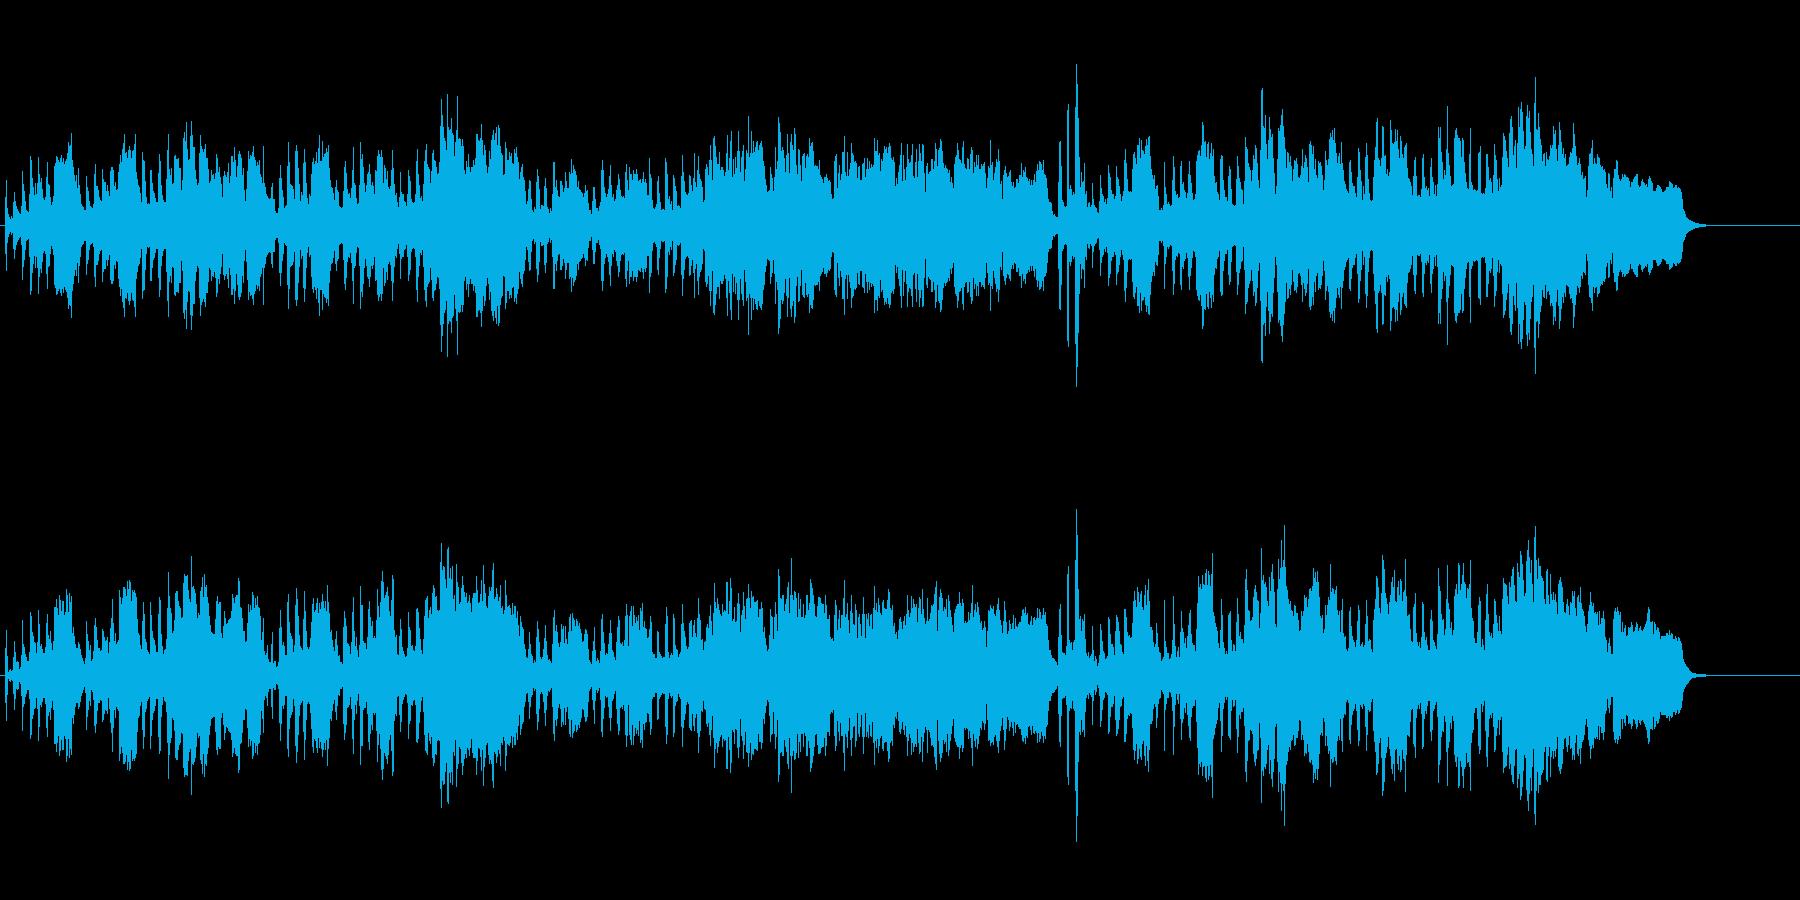 格調のあるバロック風(王朝貴族の夕べ)の再生済みの波形